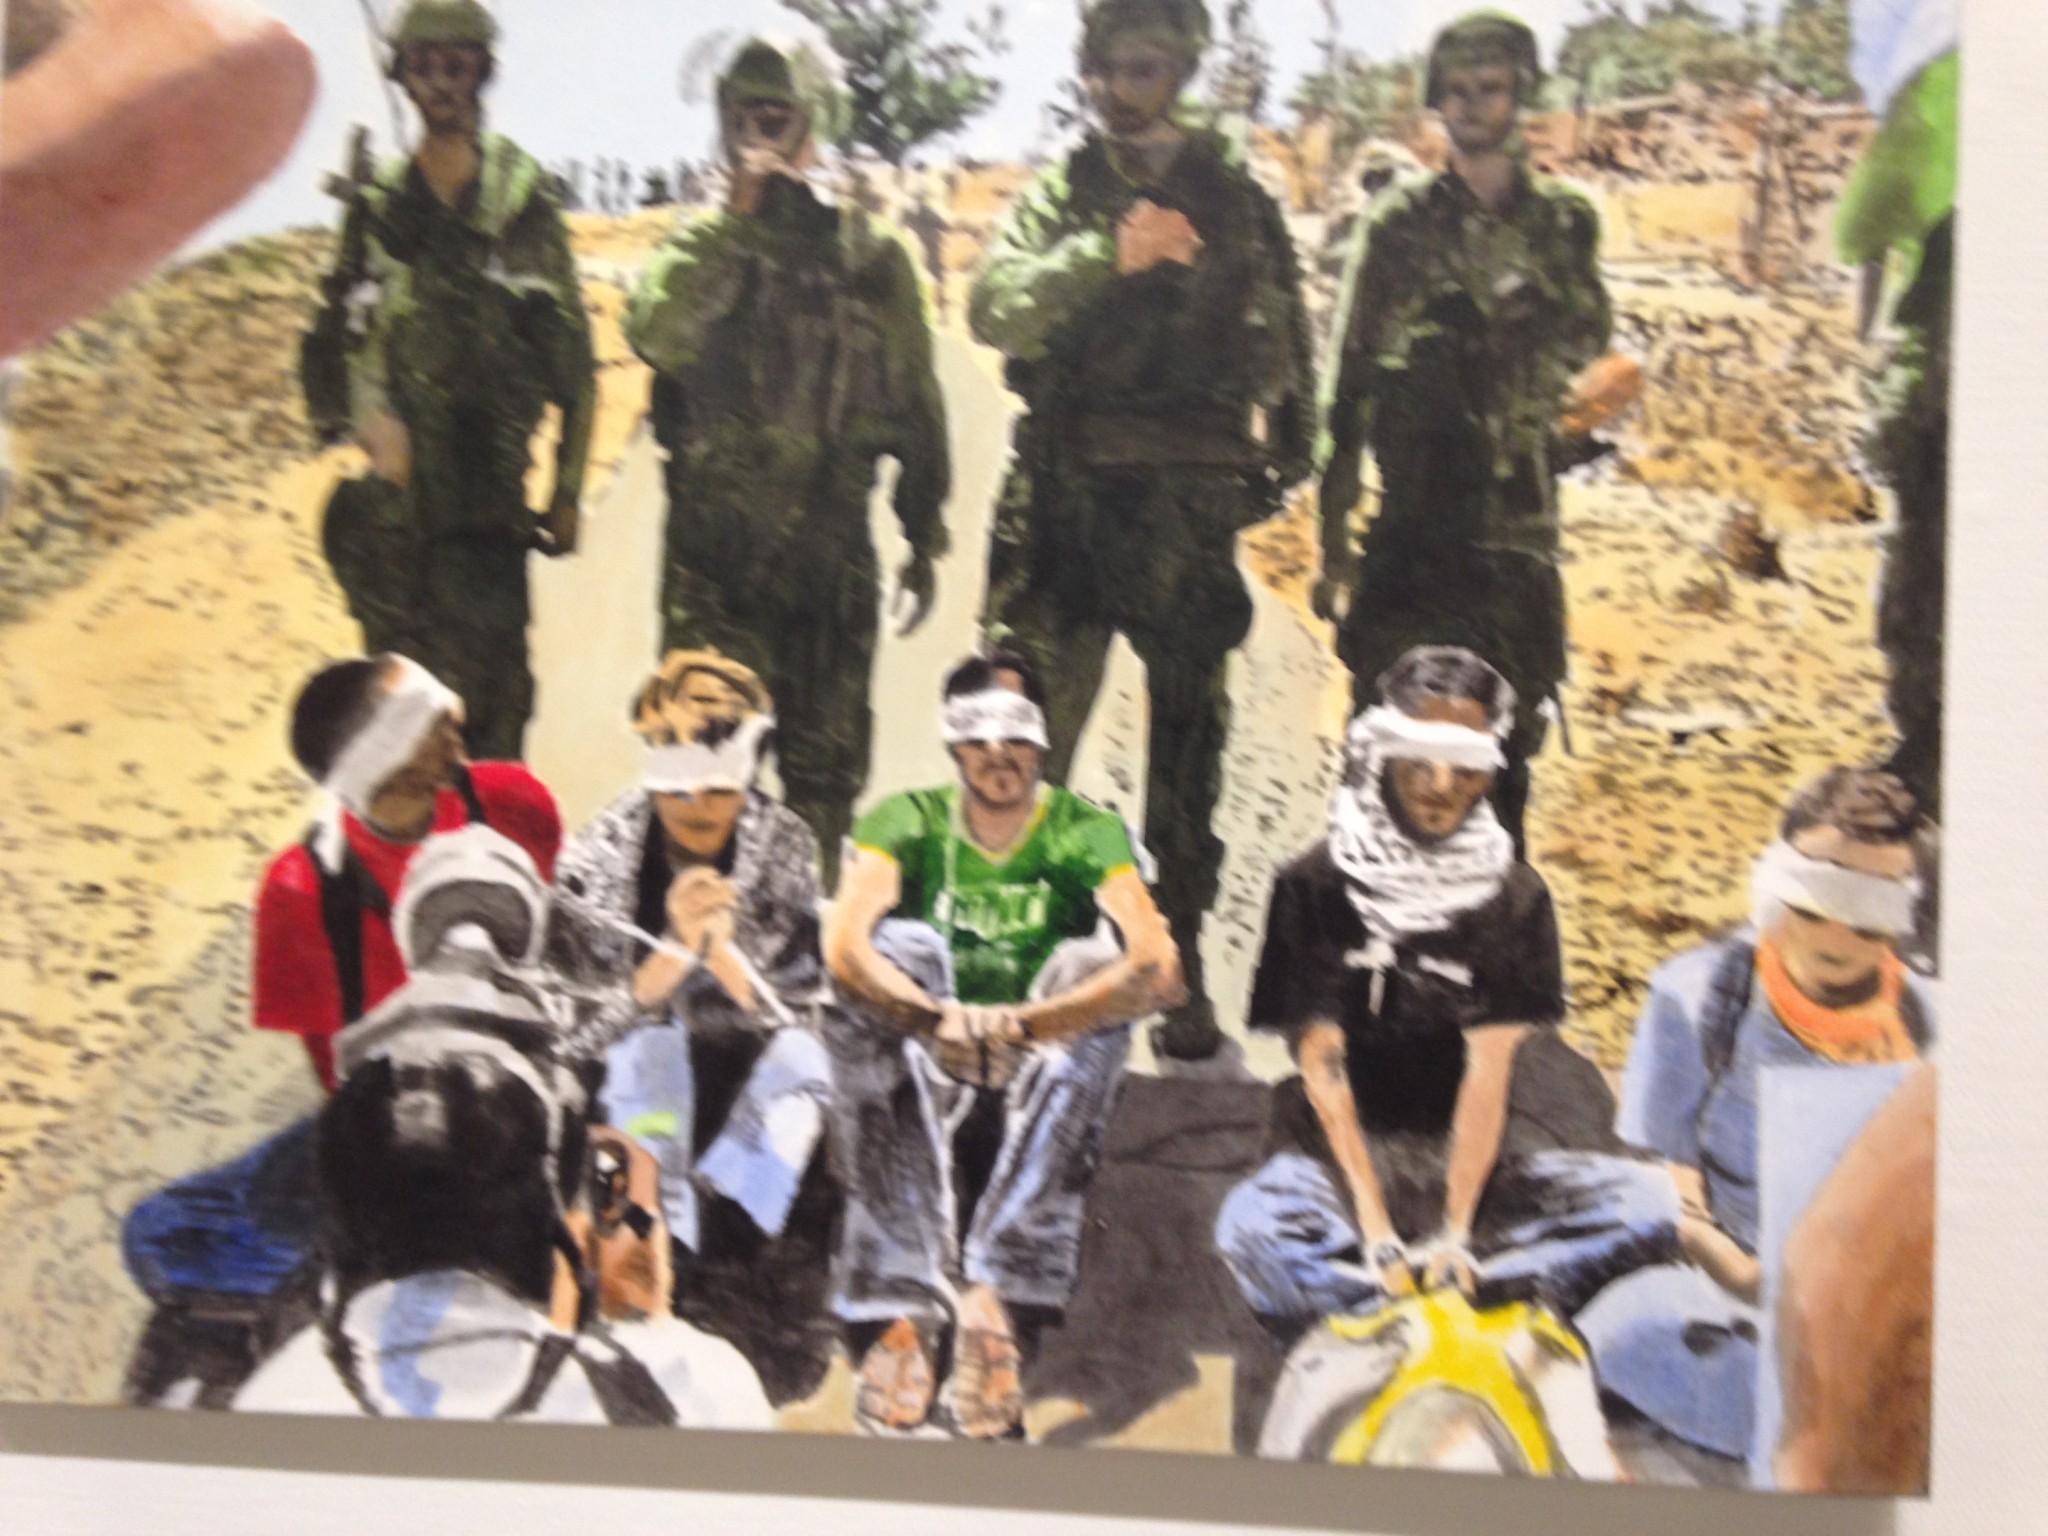 ציור פייסבוק, אקריליק על בד Facebook Painting, acrylic on canvas - 100x133 ,2010